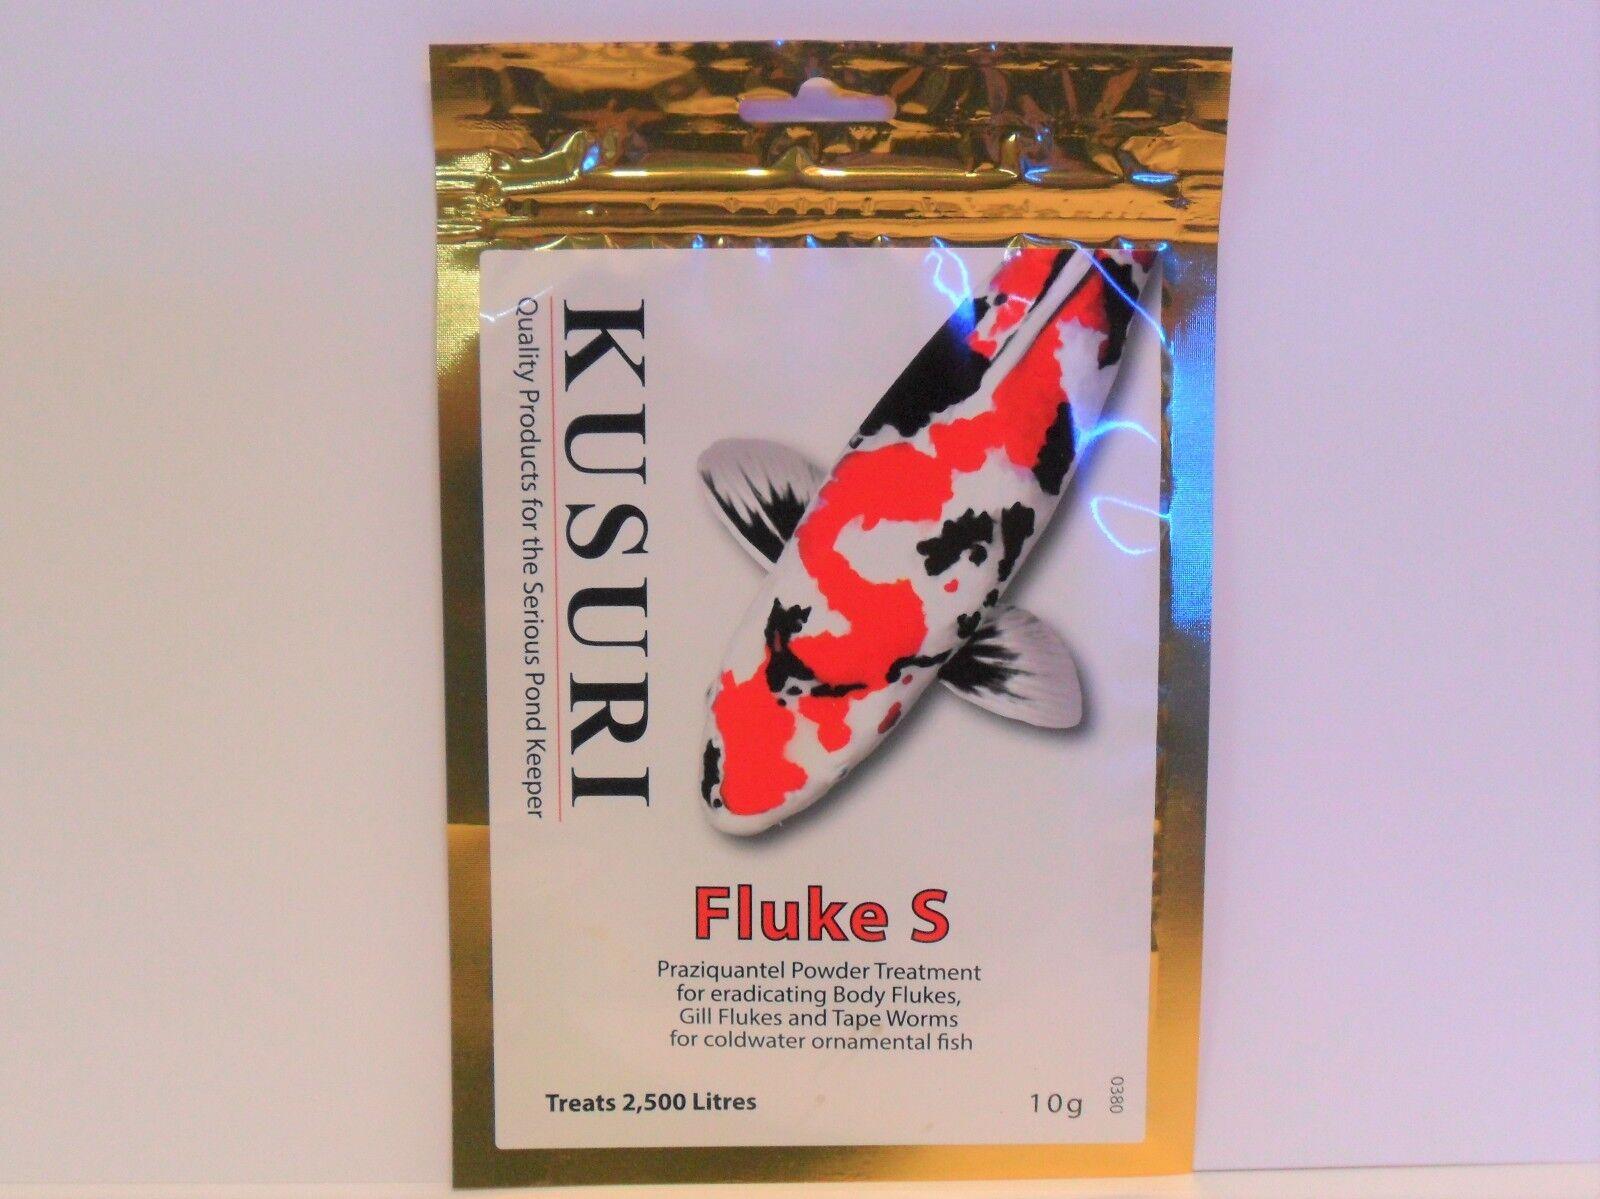 Kusuri FLUKE-S 10g 50g And 100g Gill und Körper Fluke Fluke Fluke Behandlung Koi-Teich Fisch 53ec9d